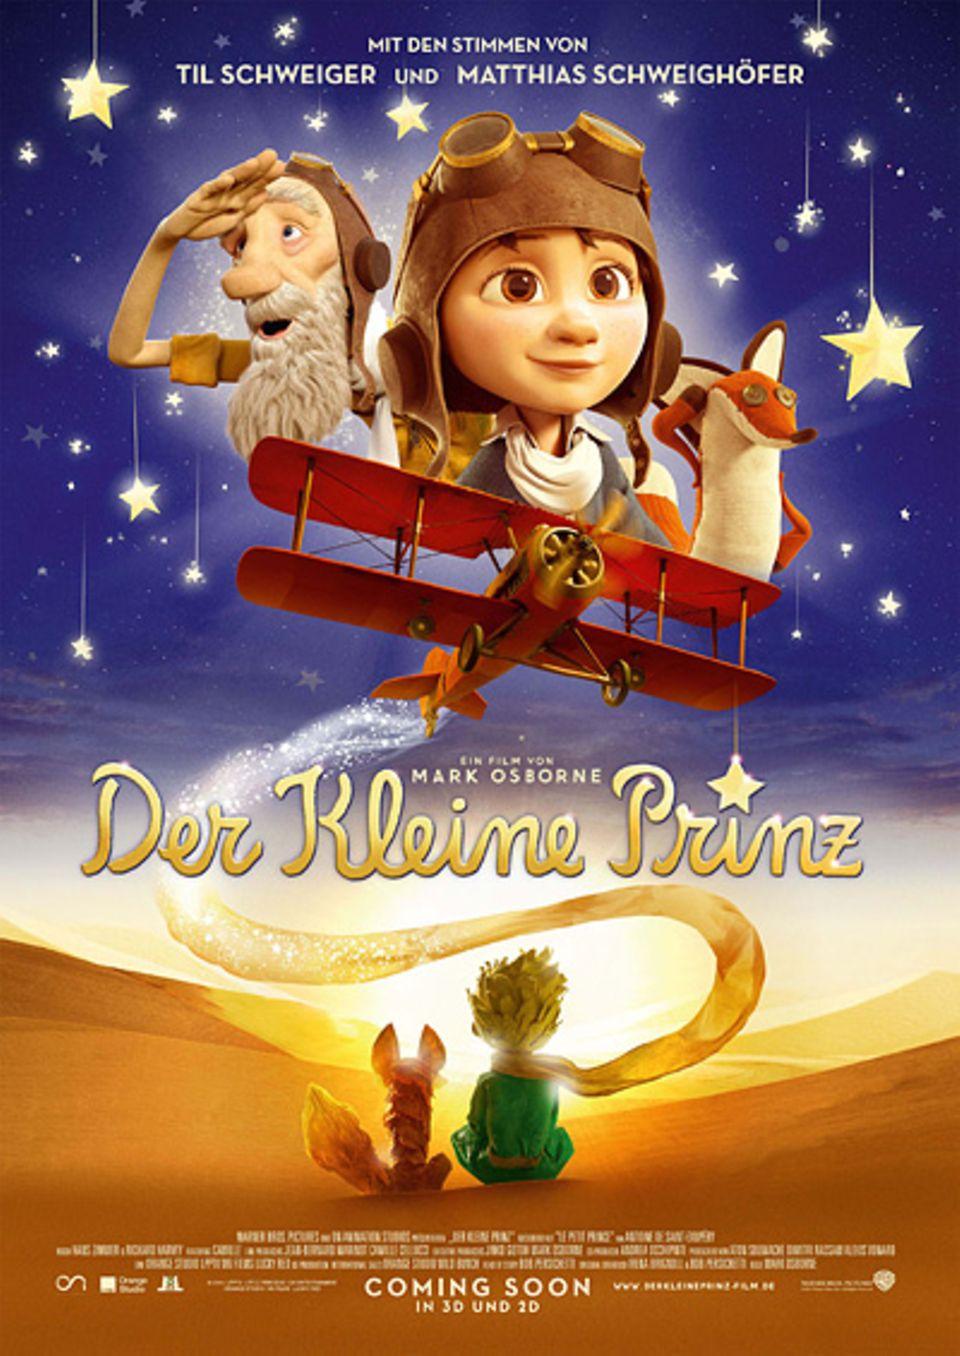 Filmtipp: Der kleine Prinz - ab 21. April 2016 auf DVD und Blu-ray